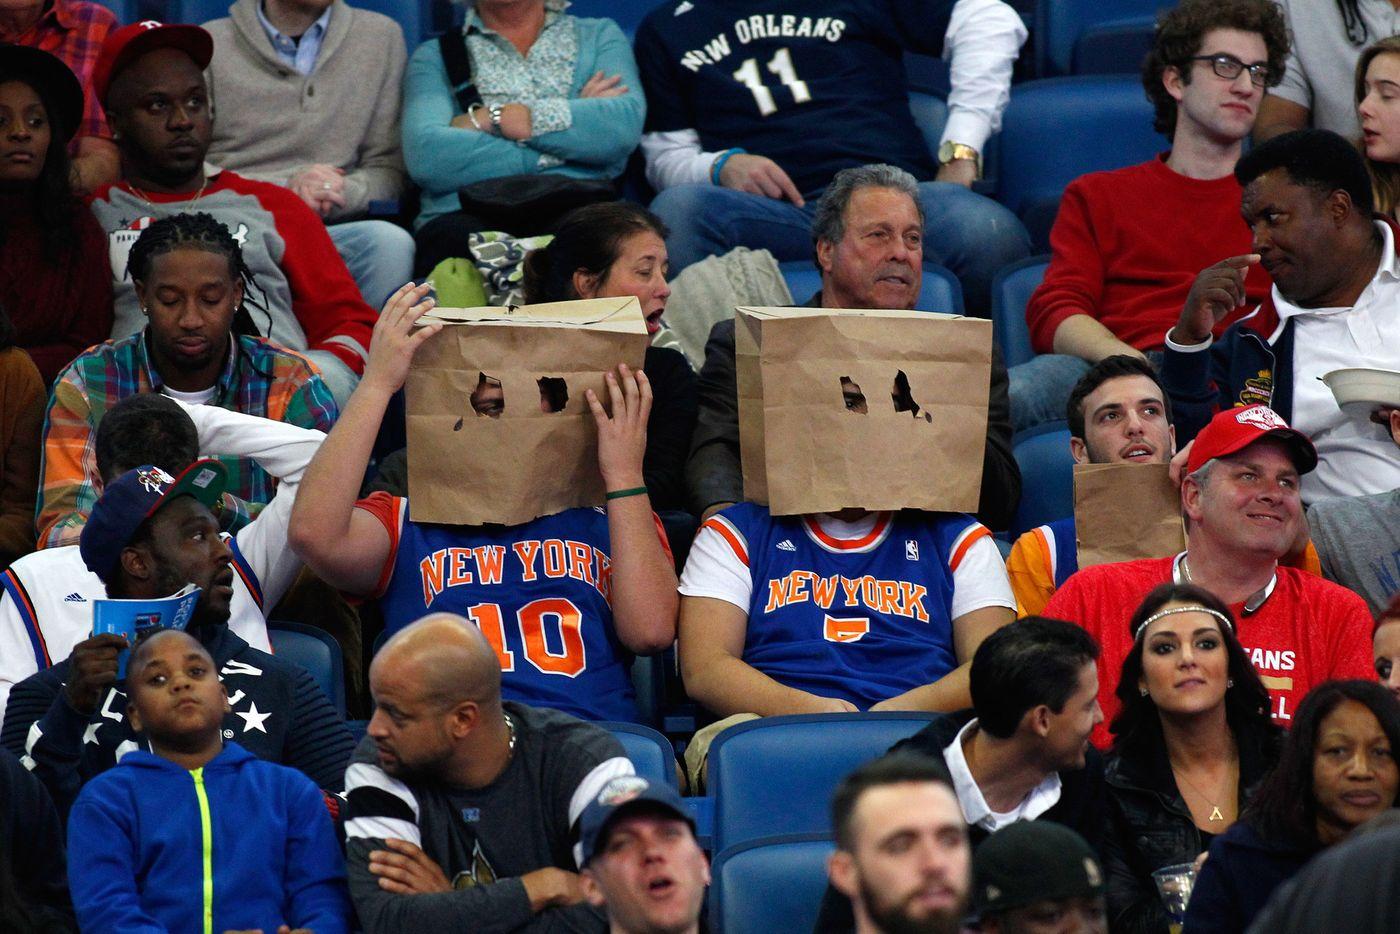 Trải nghiệm xem bóng rổ NBA tại Mỹ